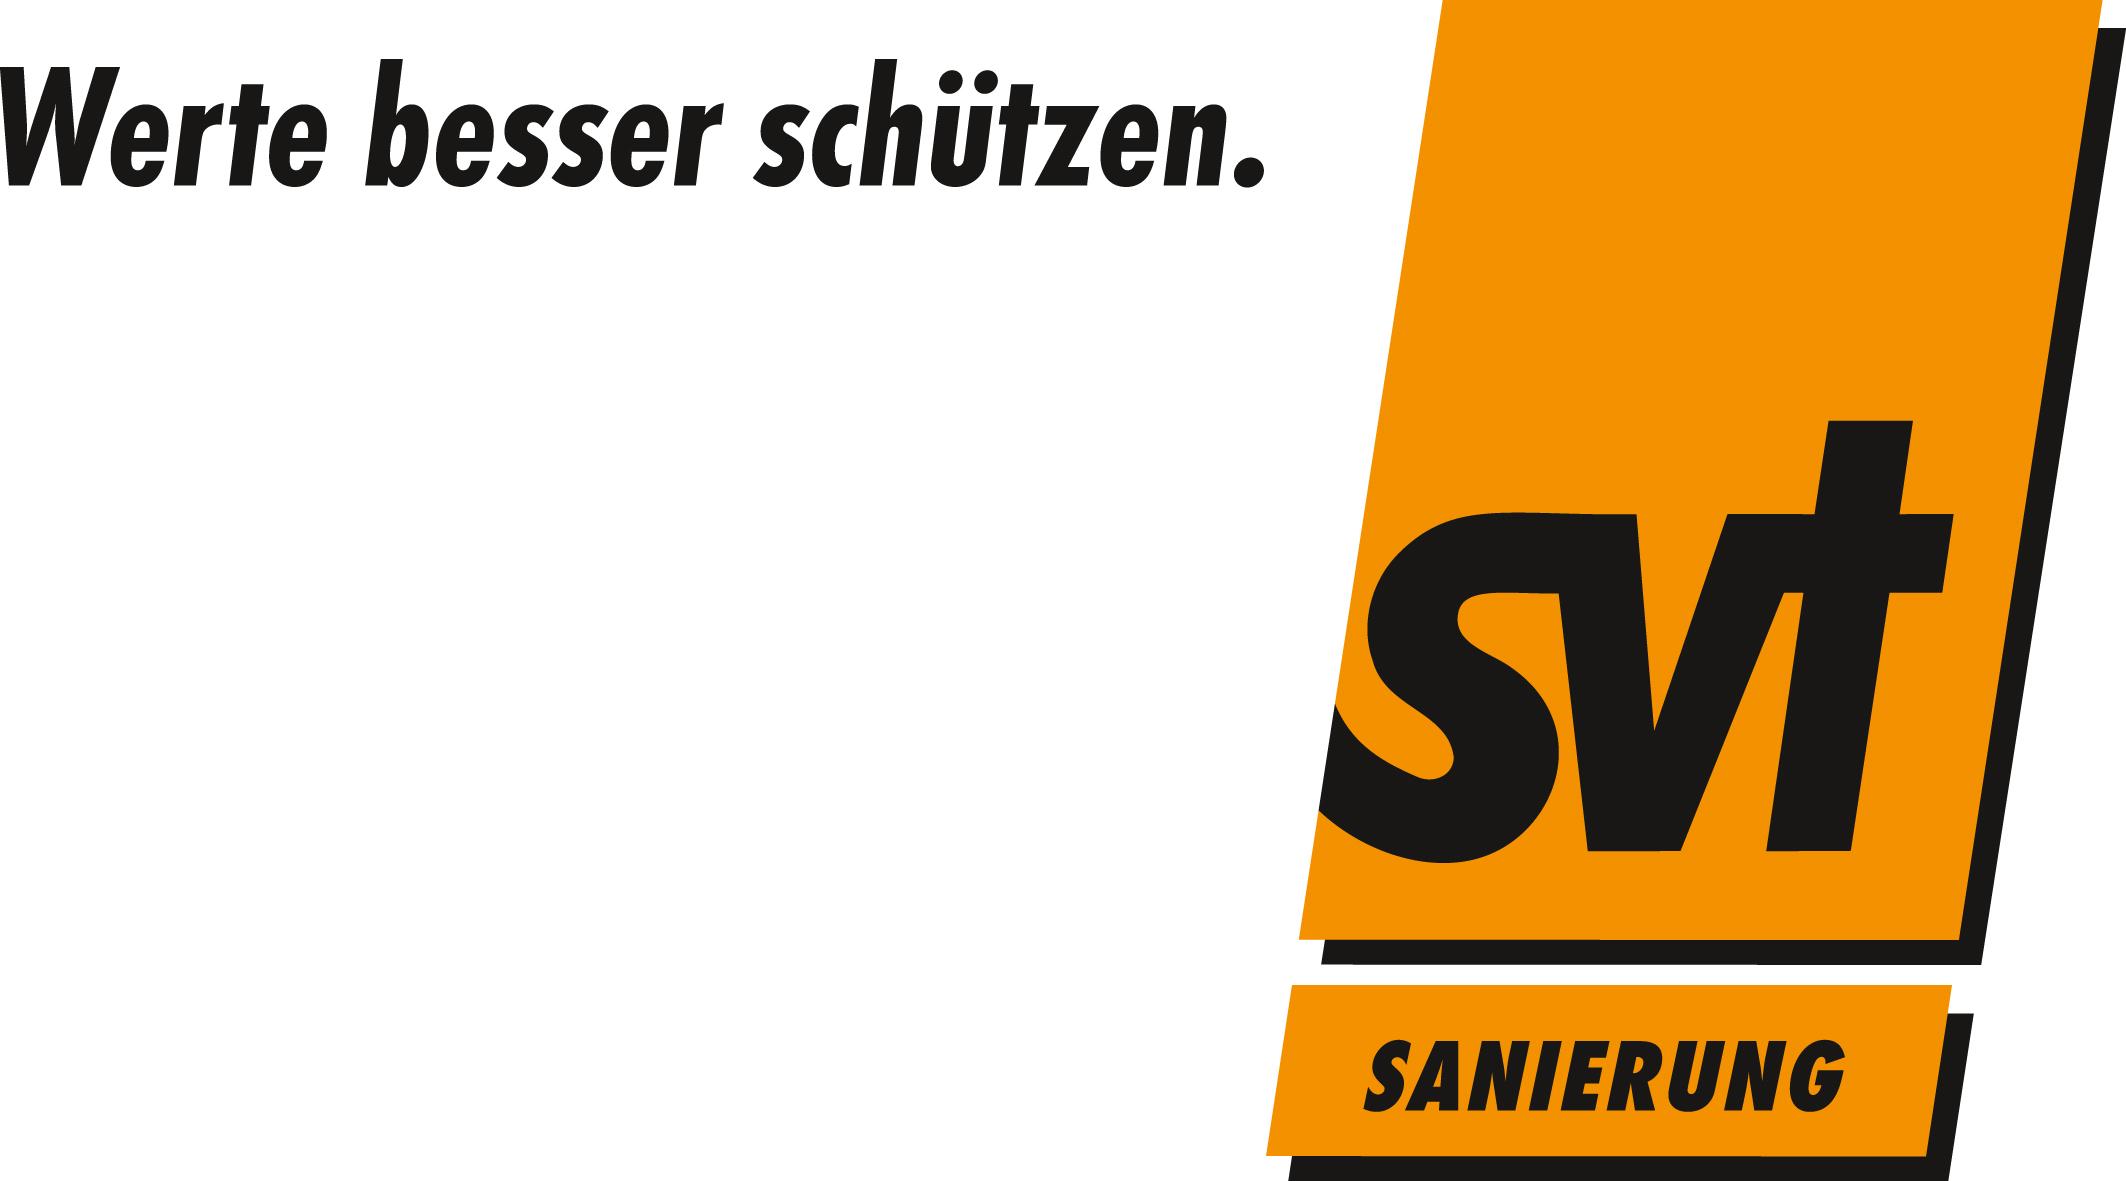 svt Brandsanierung GmbH